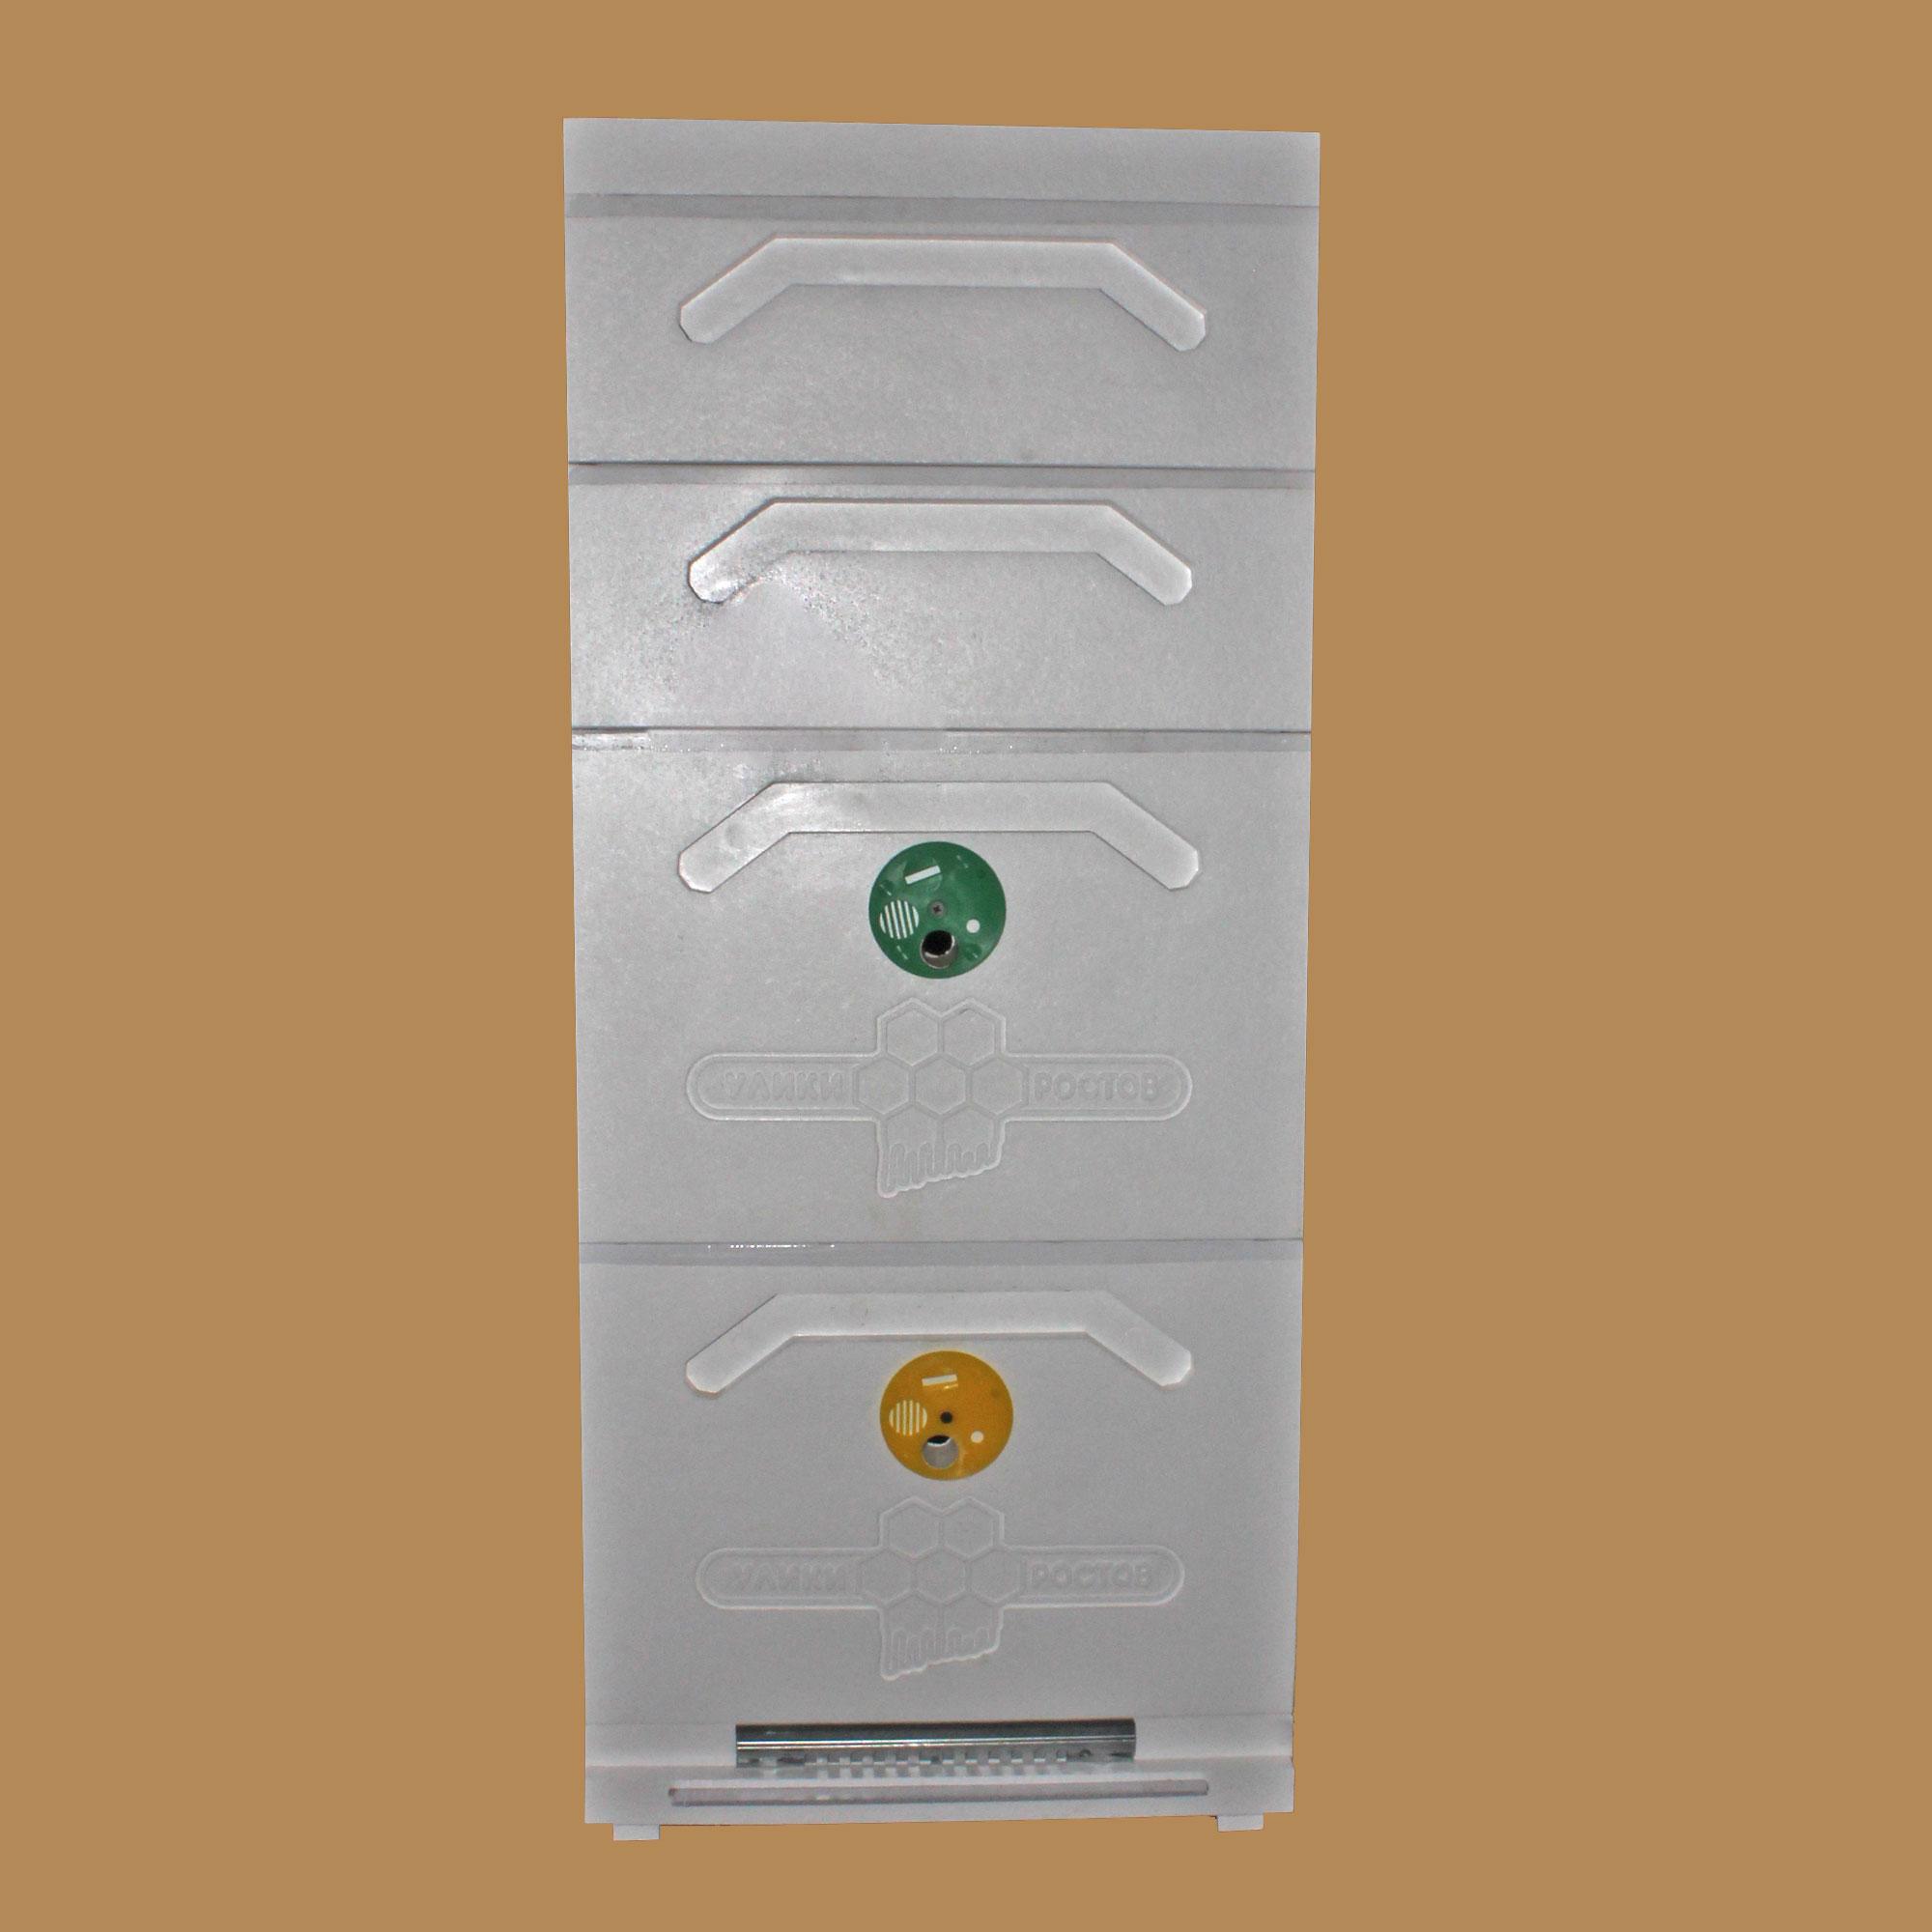 Улей Дадана 2-корпусный с 2 магазинами 10-рамочный усиленный (Д2М2-10)